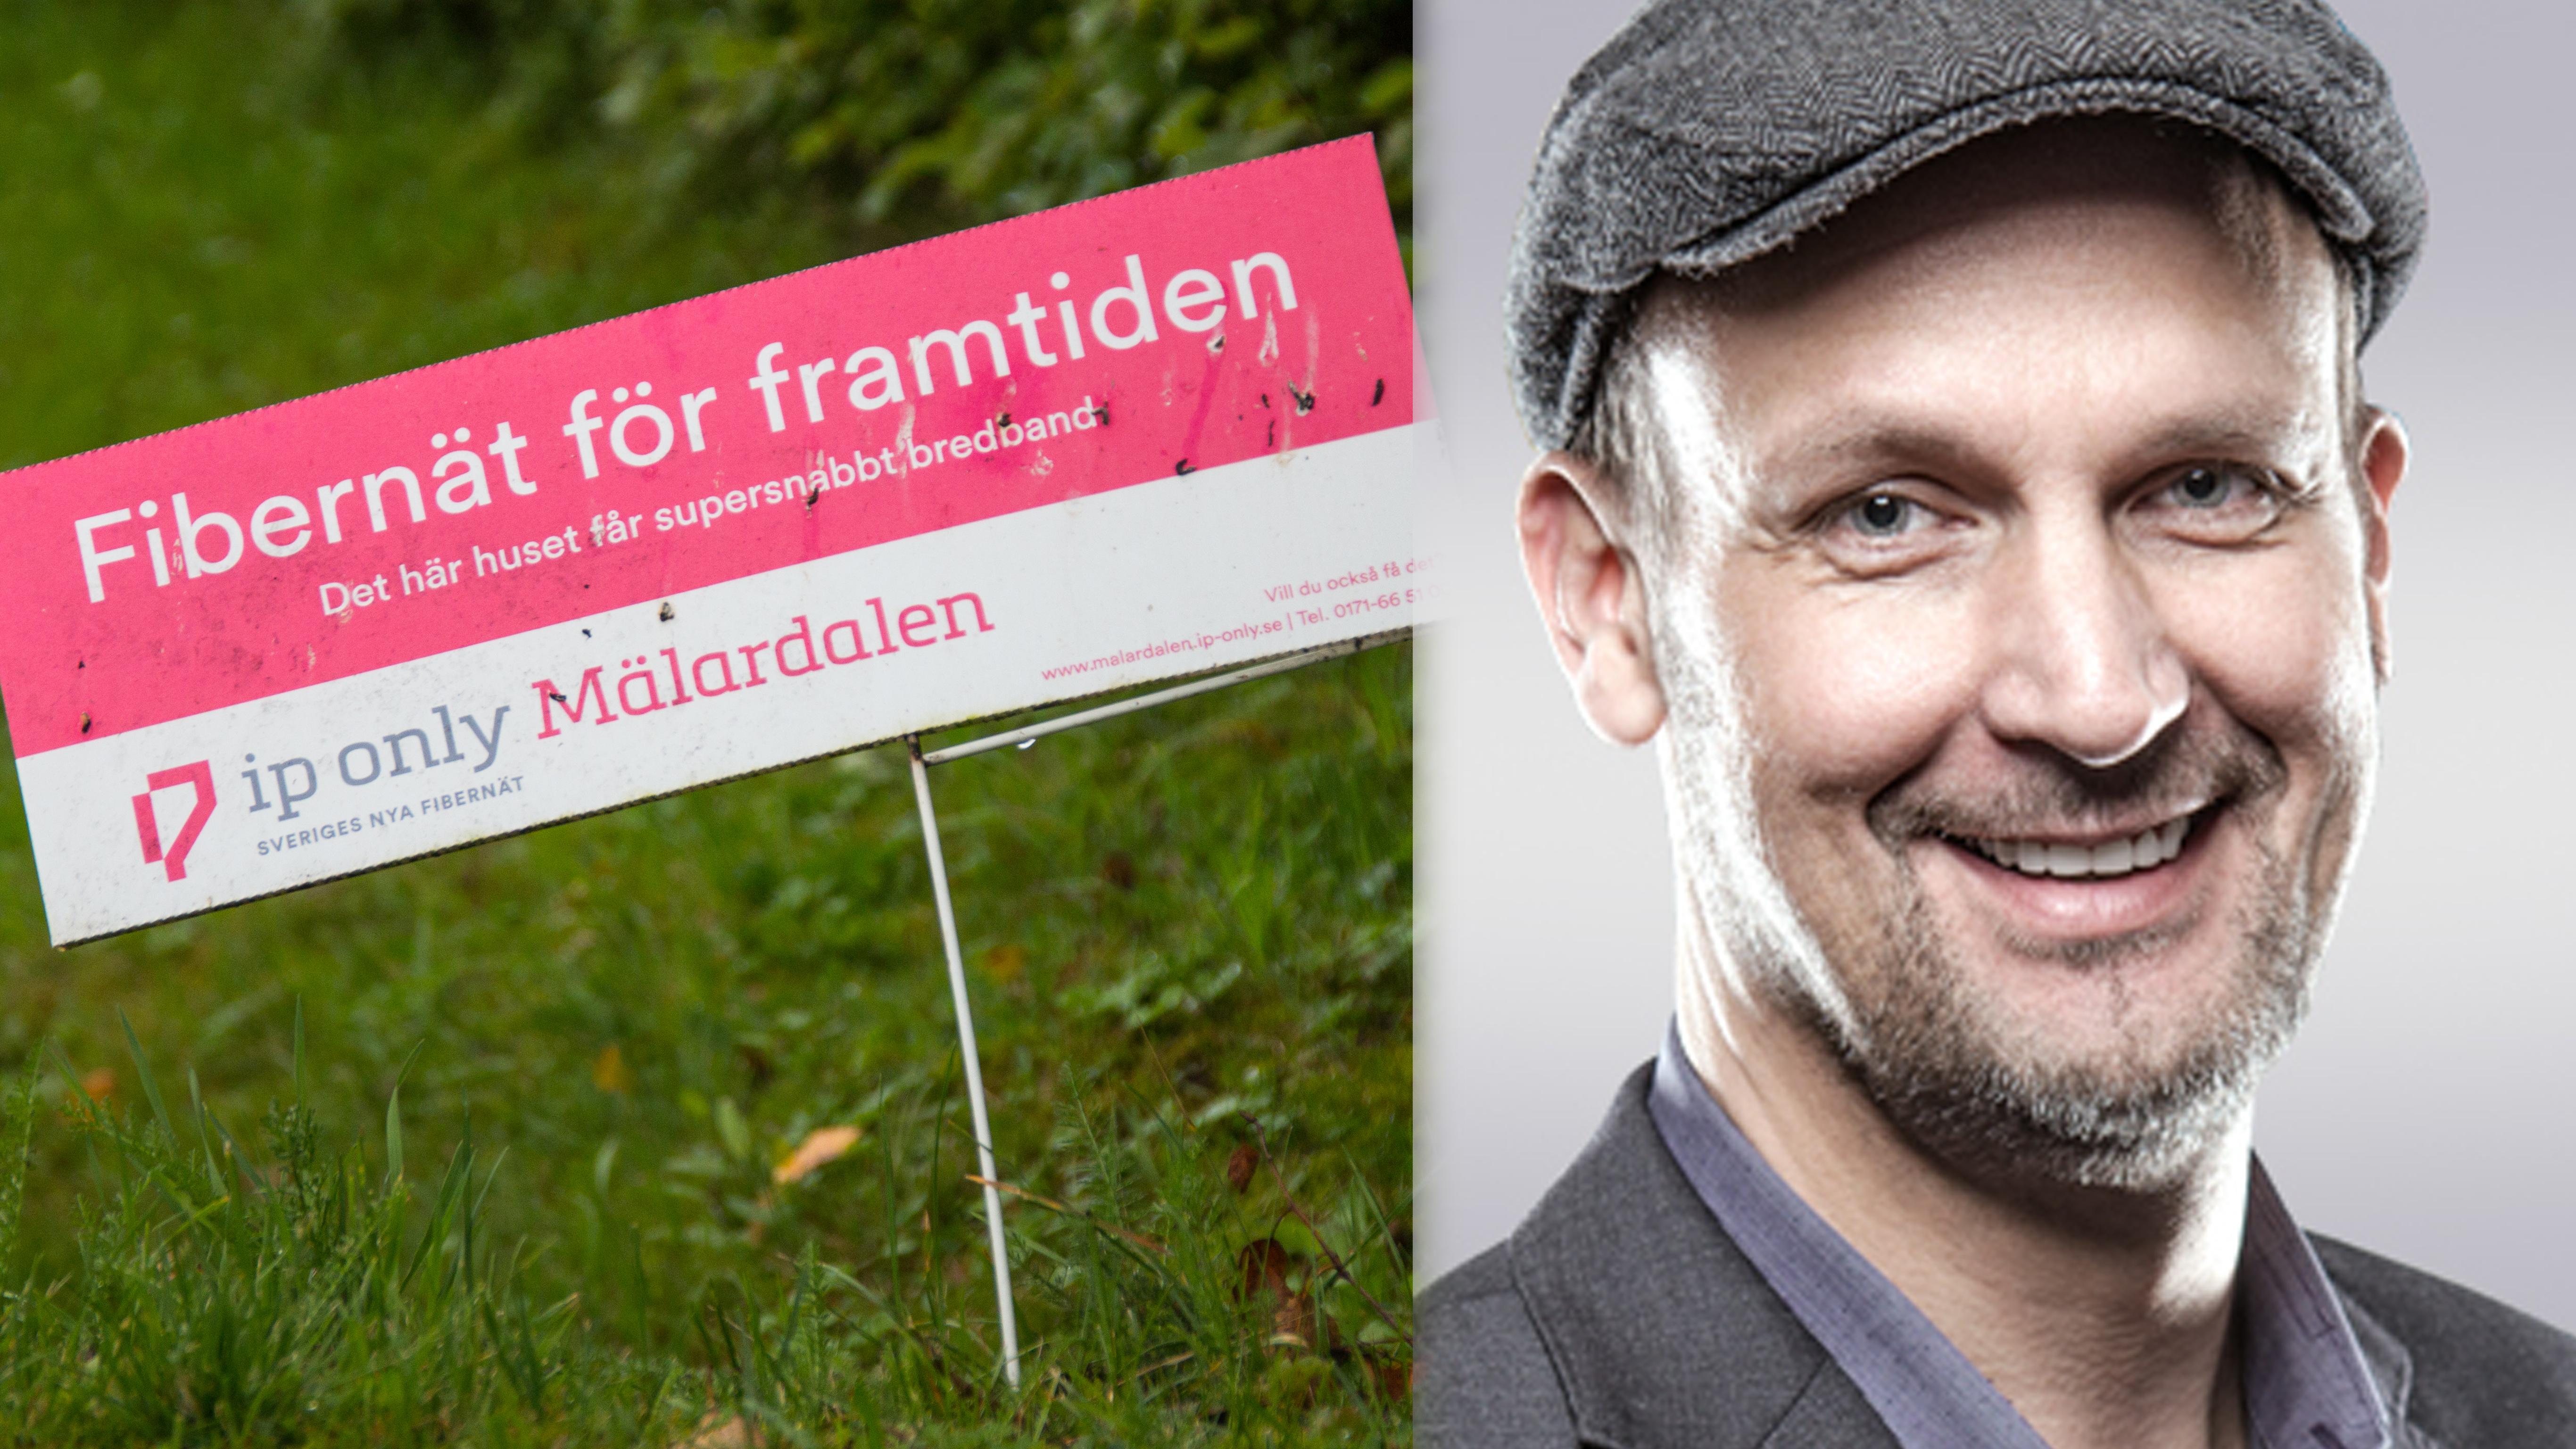 ip only skinnskatteberg